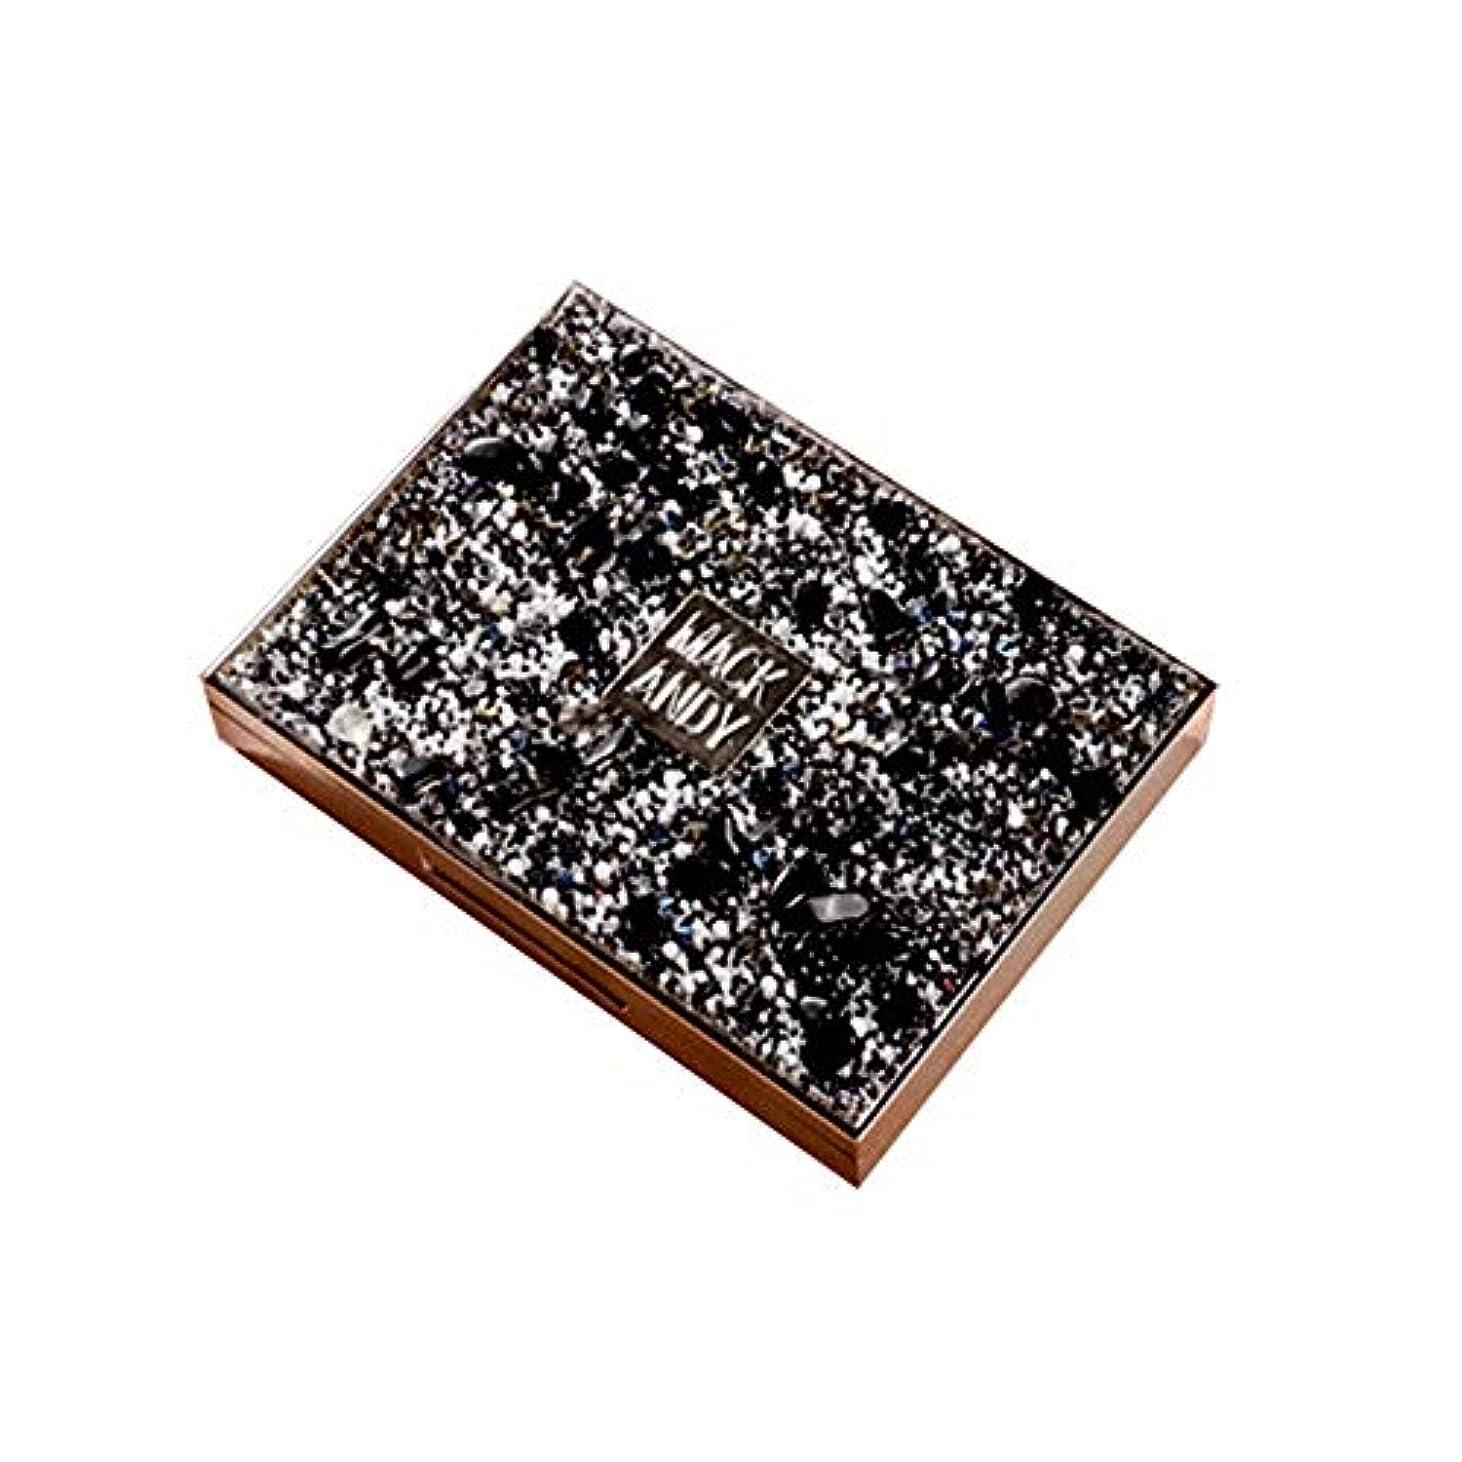 写真の伝導率イデオロギーEX-YUE 8色 アイシャドウ 人気 新作 極め細かい 真珠 光沢 アイシャドウパレット ハイライト ナチュラル マット 高発色 保湿成分 長時間 防水 大人気 通勤 通学 初心者 日常化粧 (ブラック)